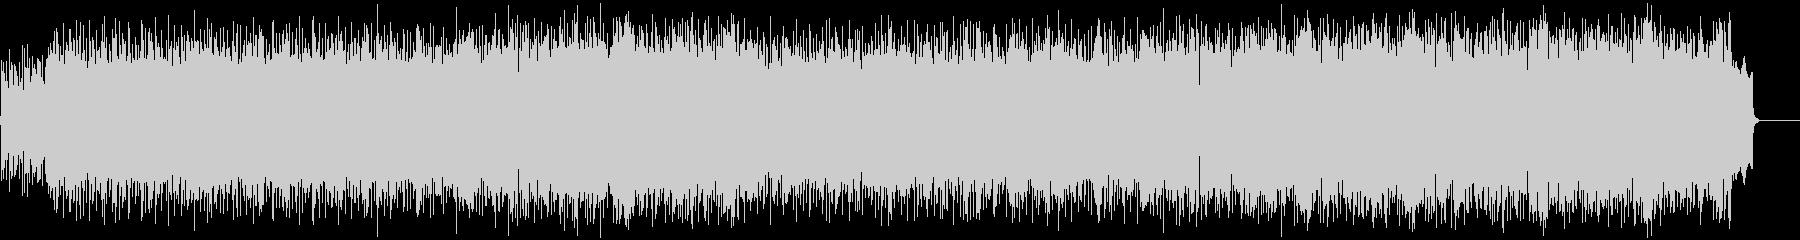 力強い歌謡曲風ポップス(フルサイズ)の未再生の波形